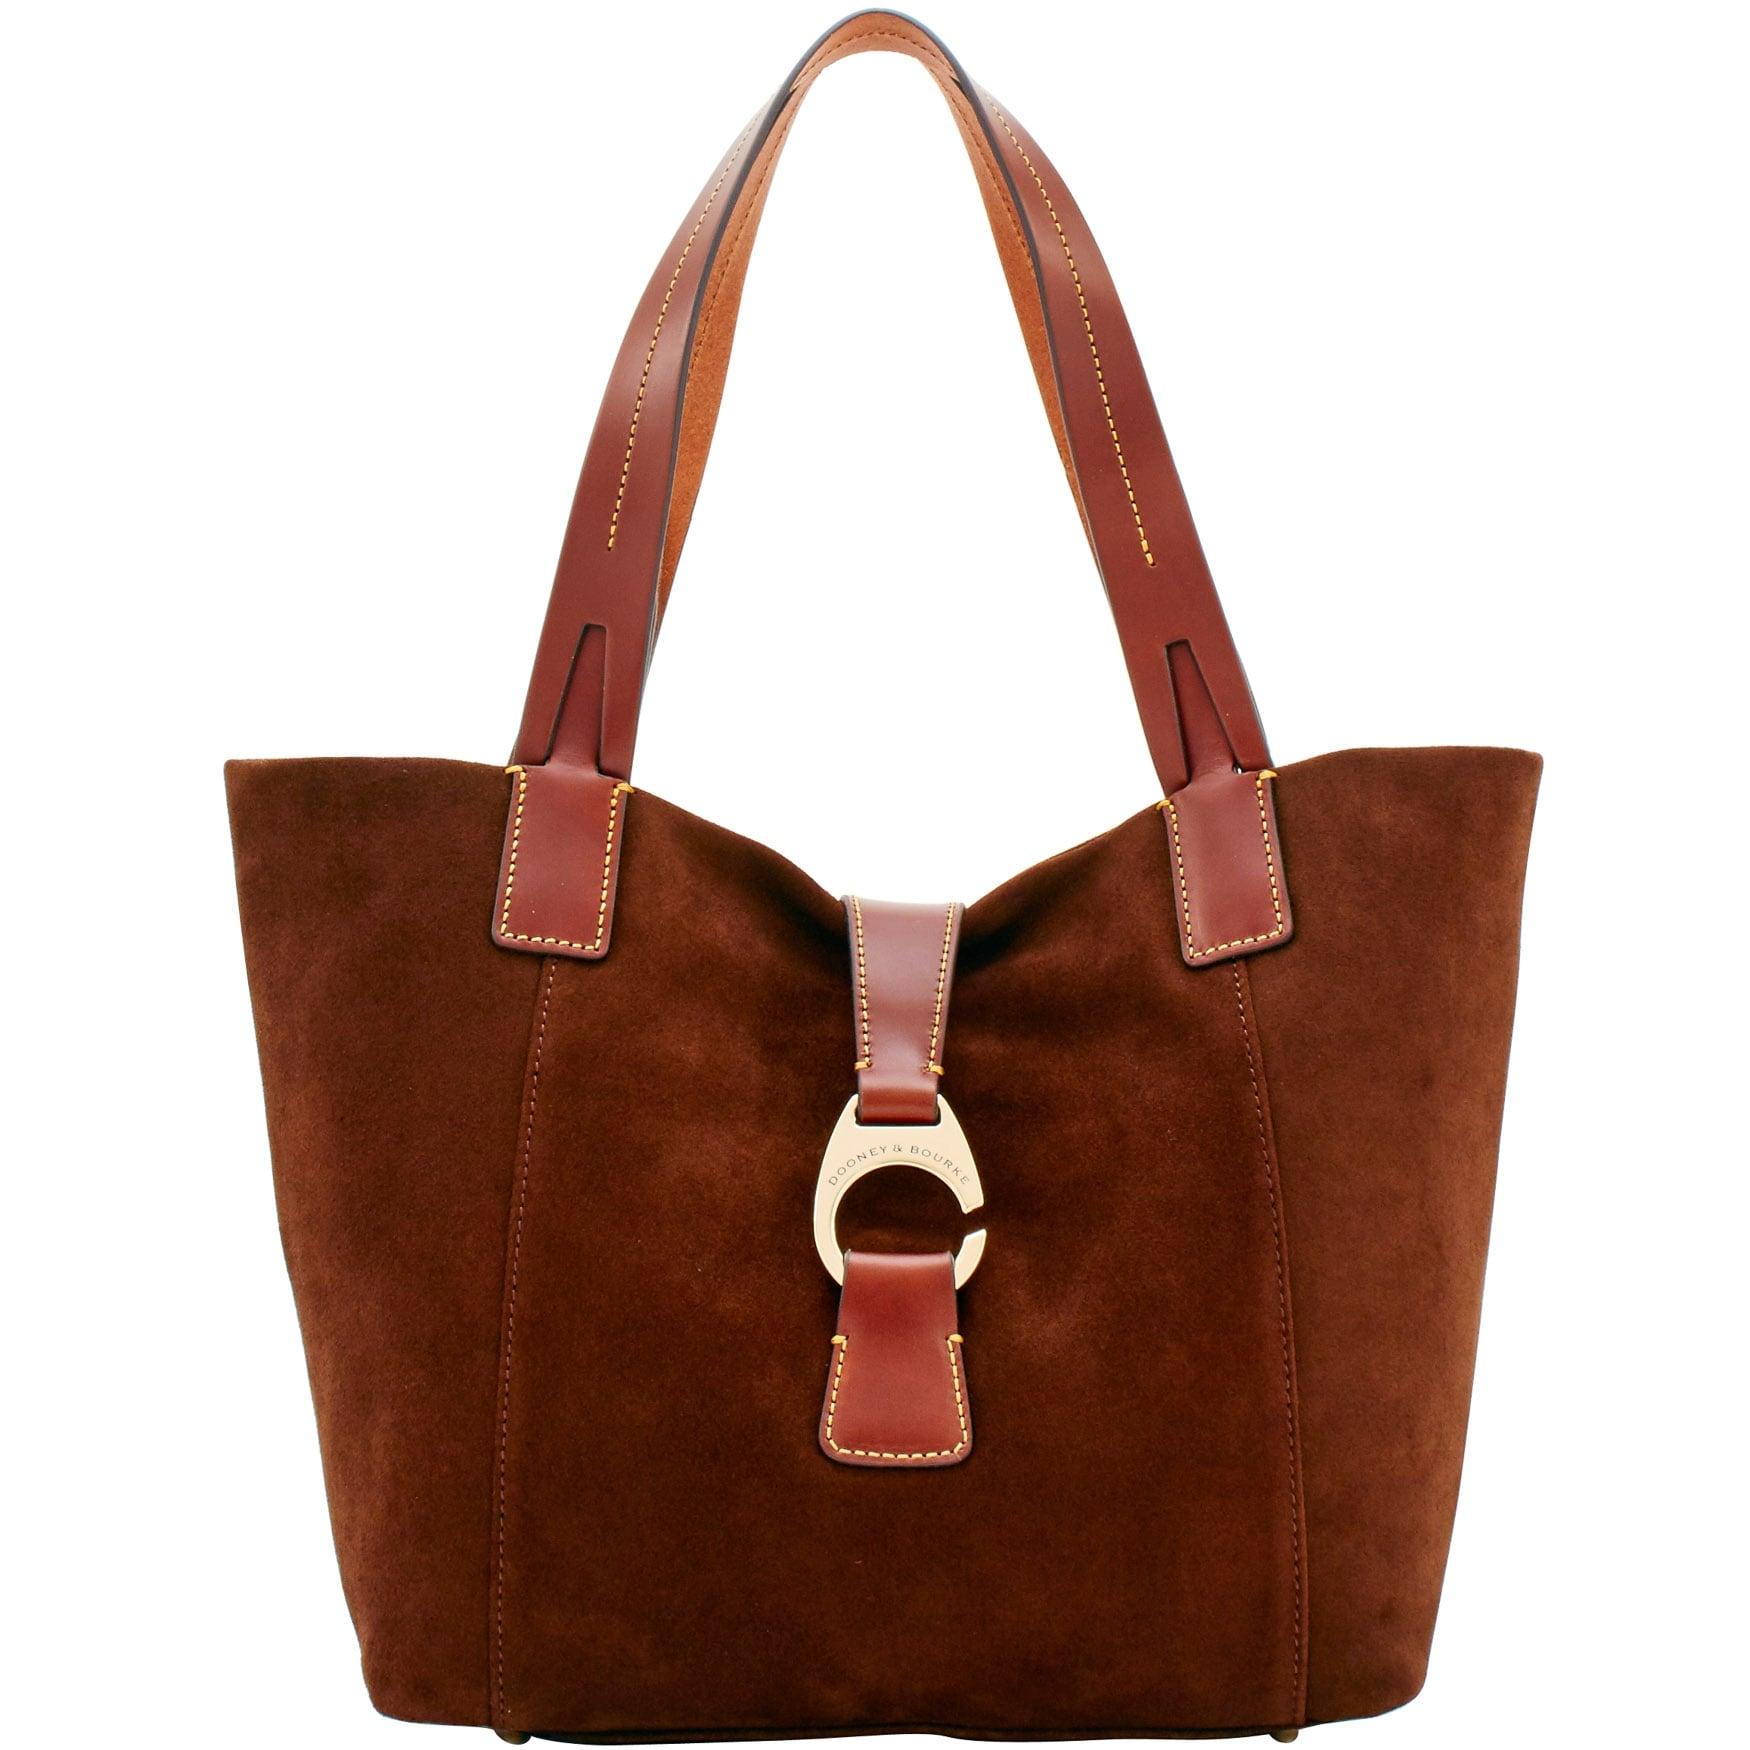 76f81f7c5fd7 Dooney   Bourke Handbags